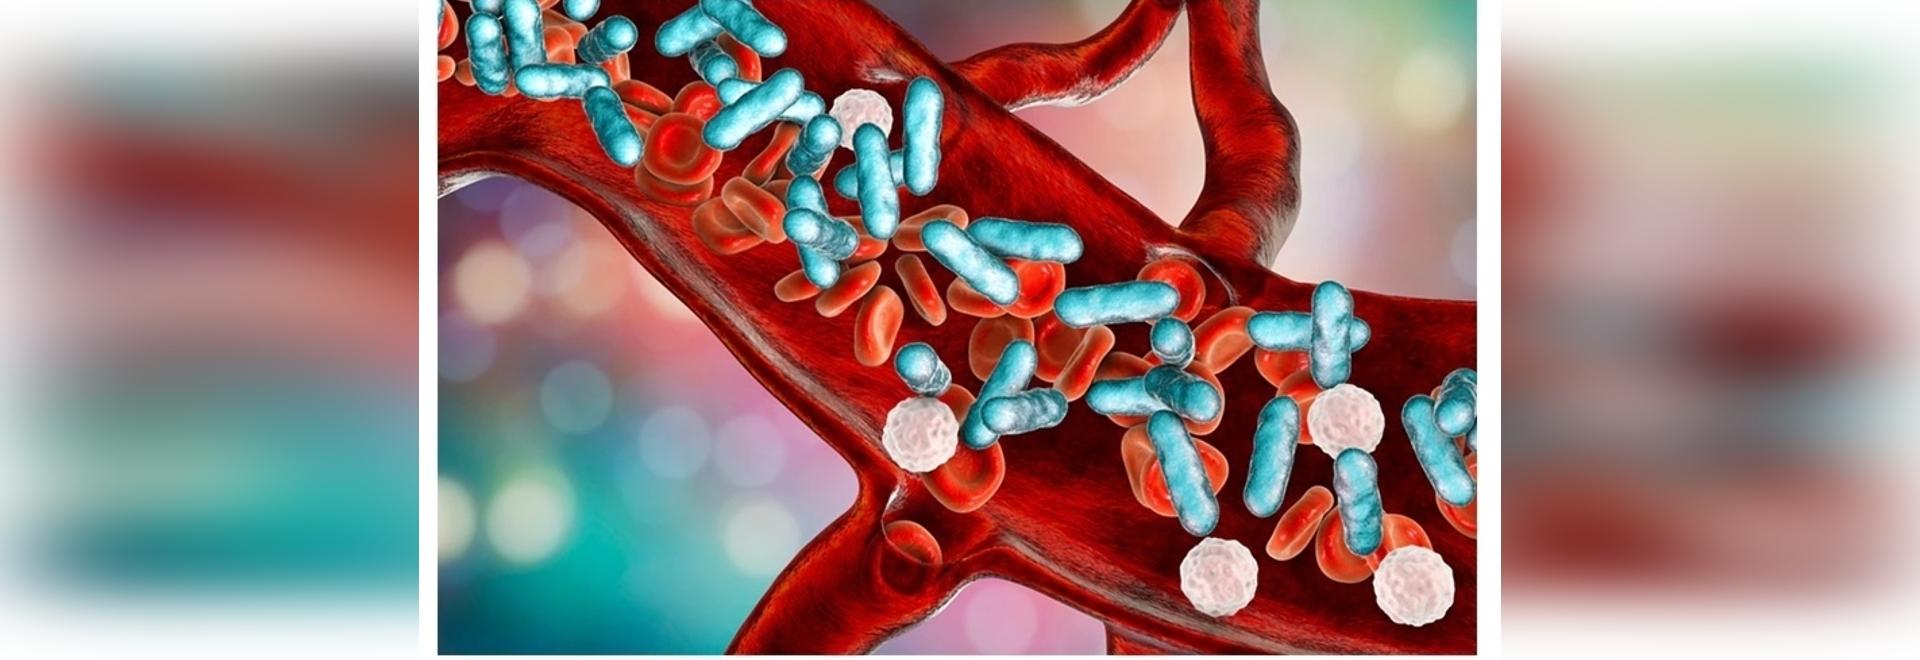 Vacuna basada en biomateriales contra la infección bacteriana